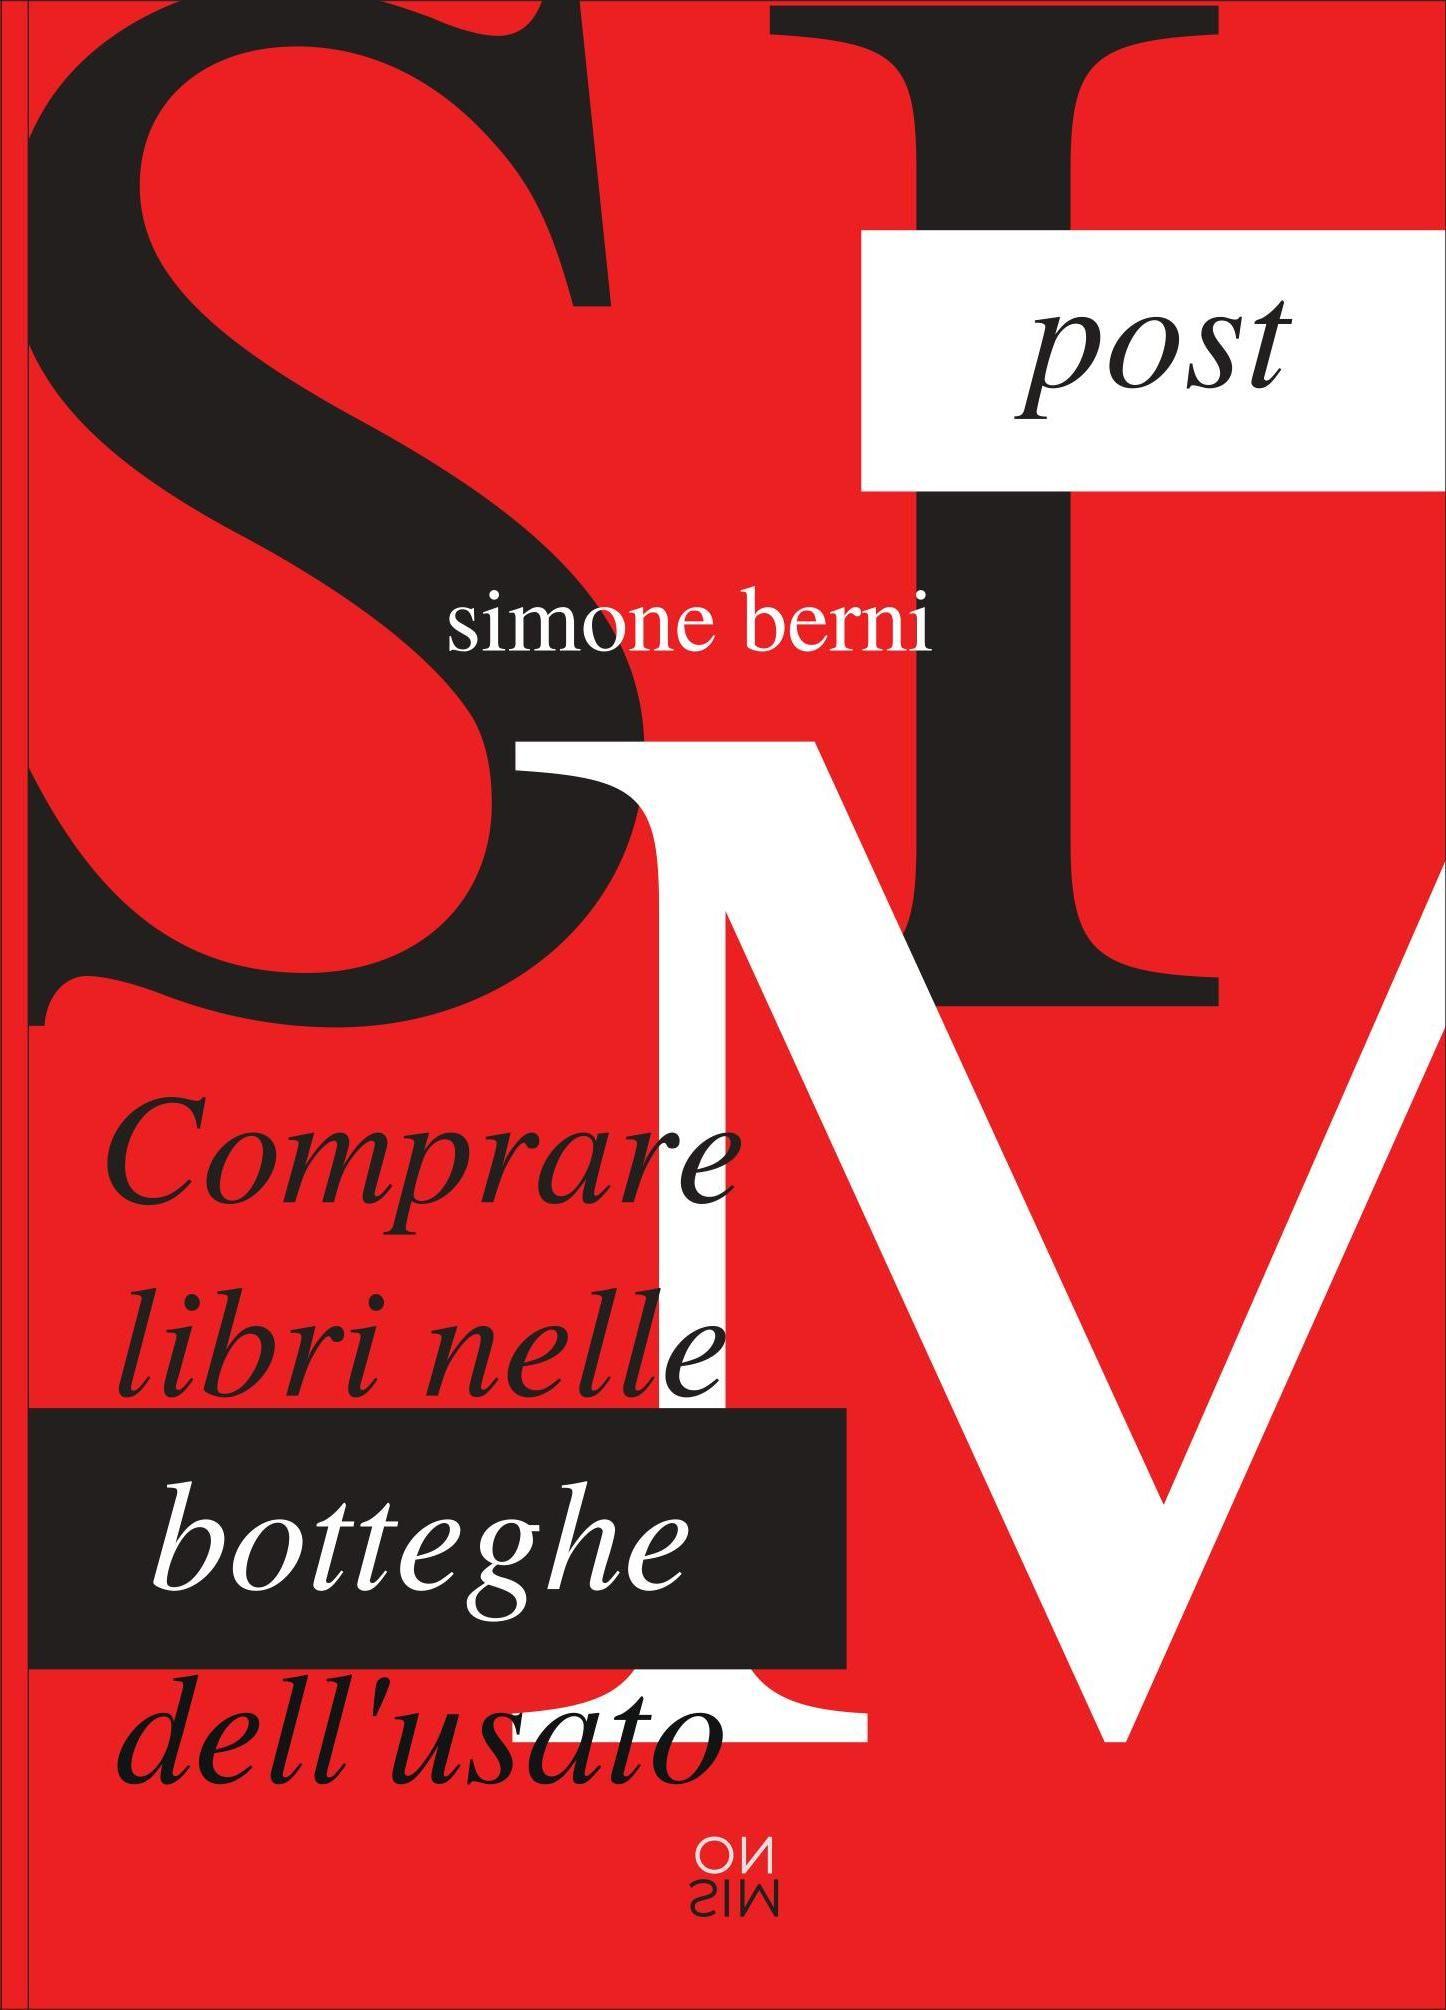 COMPRARE LIBRI NELLE BOTTEGHE DELL'USATO, di Simone Berni